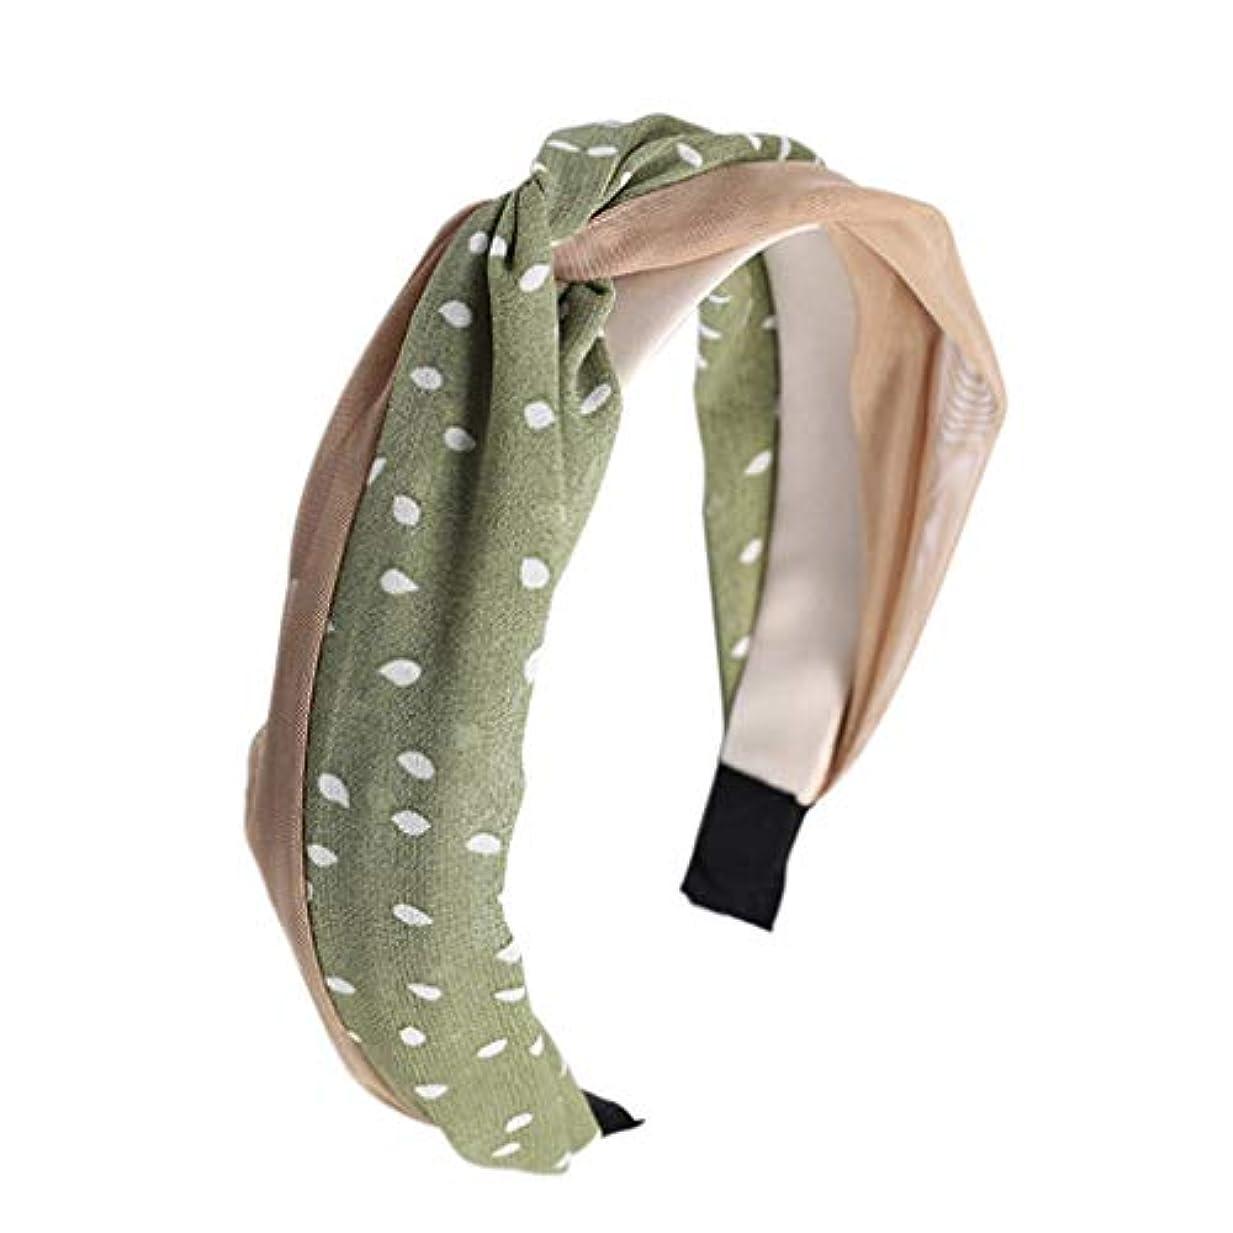 懐疑的機構証人Manyao 韓国風の新鮮な女性のメッシュポルカドットヘッドバンドヴィンテージツイスト結び目ワイヤーヘアフープ (緑)